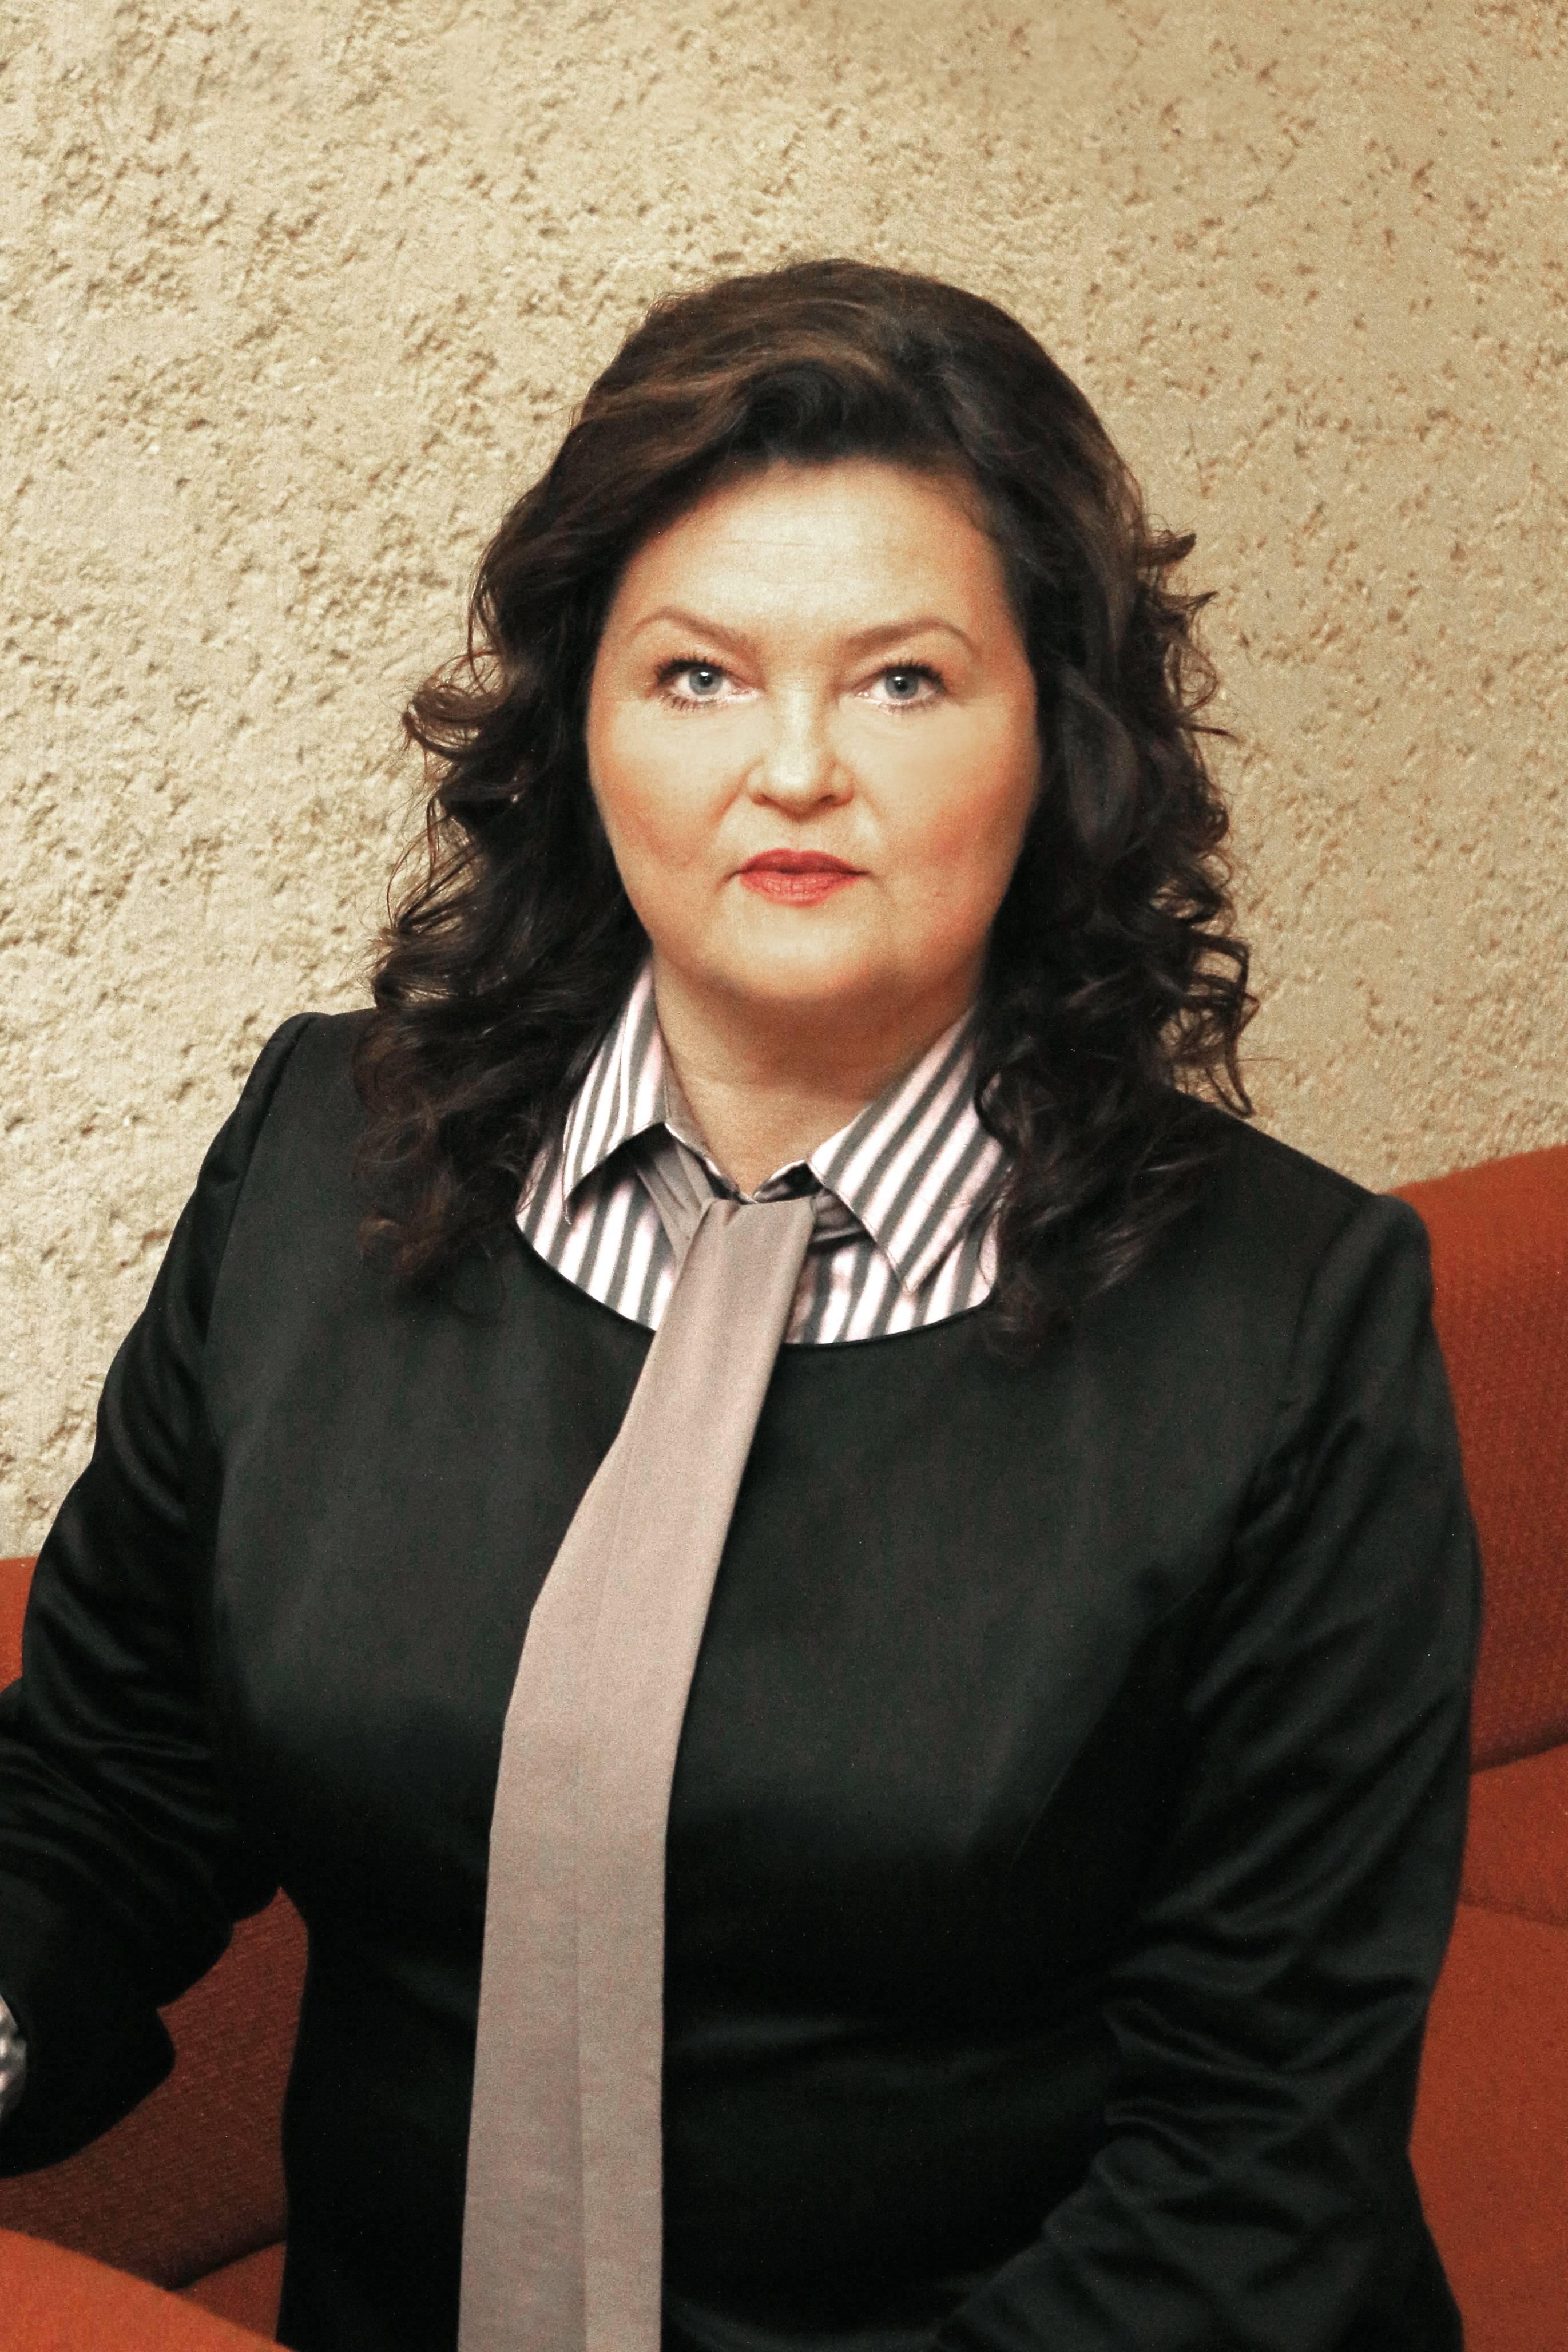 """Sandra Myškienė viliasi, kad pandeminė situacija nesugadins 518-ojo miesto gimtadienio. """"SEKUNDĖS"""" nuotr."""